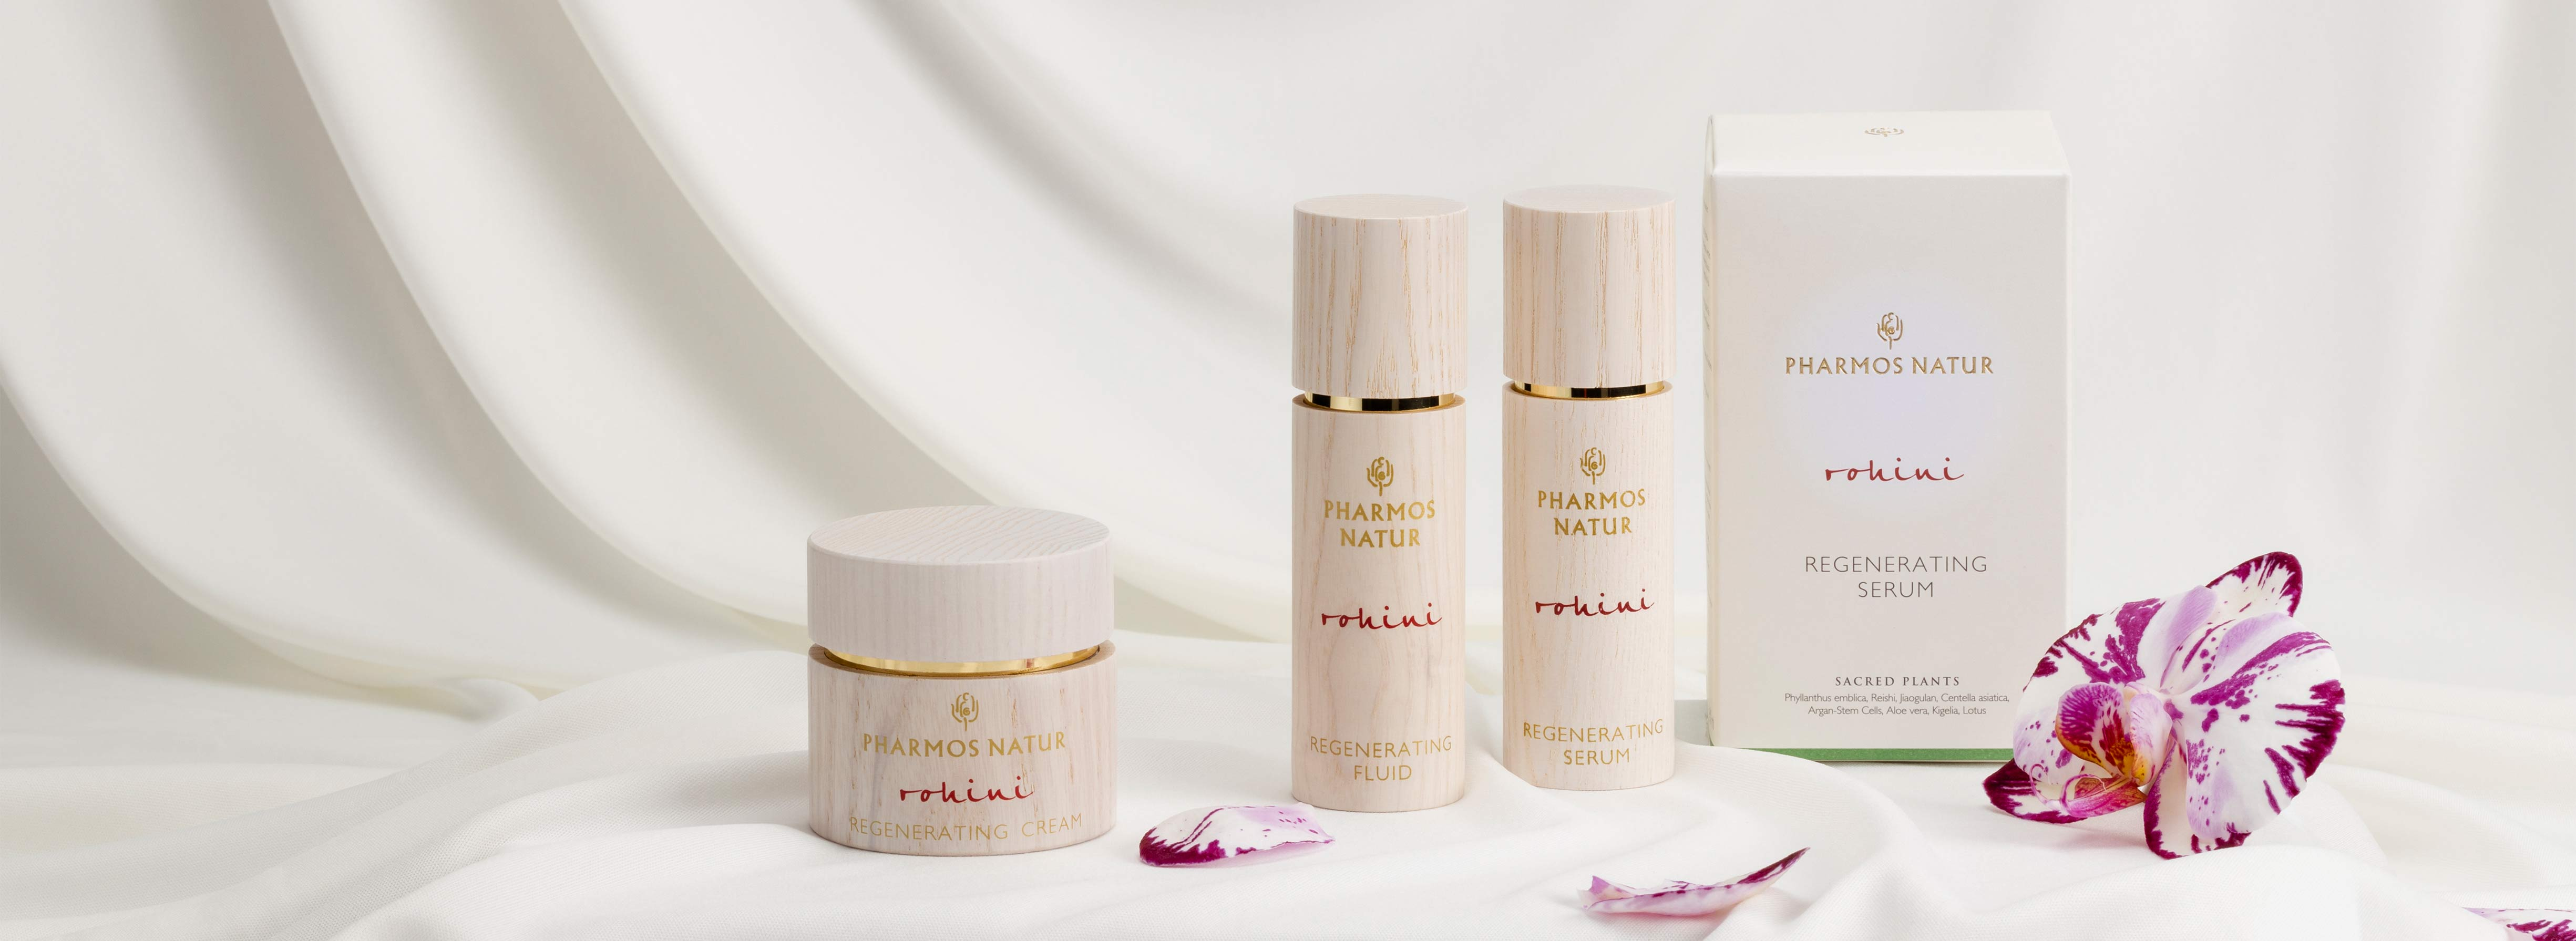 Produktlinie Rohini mit Serum, Fluid, Cream vor weißem Tuch